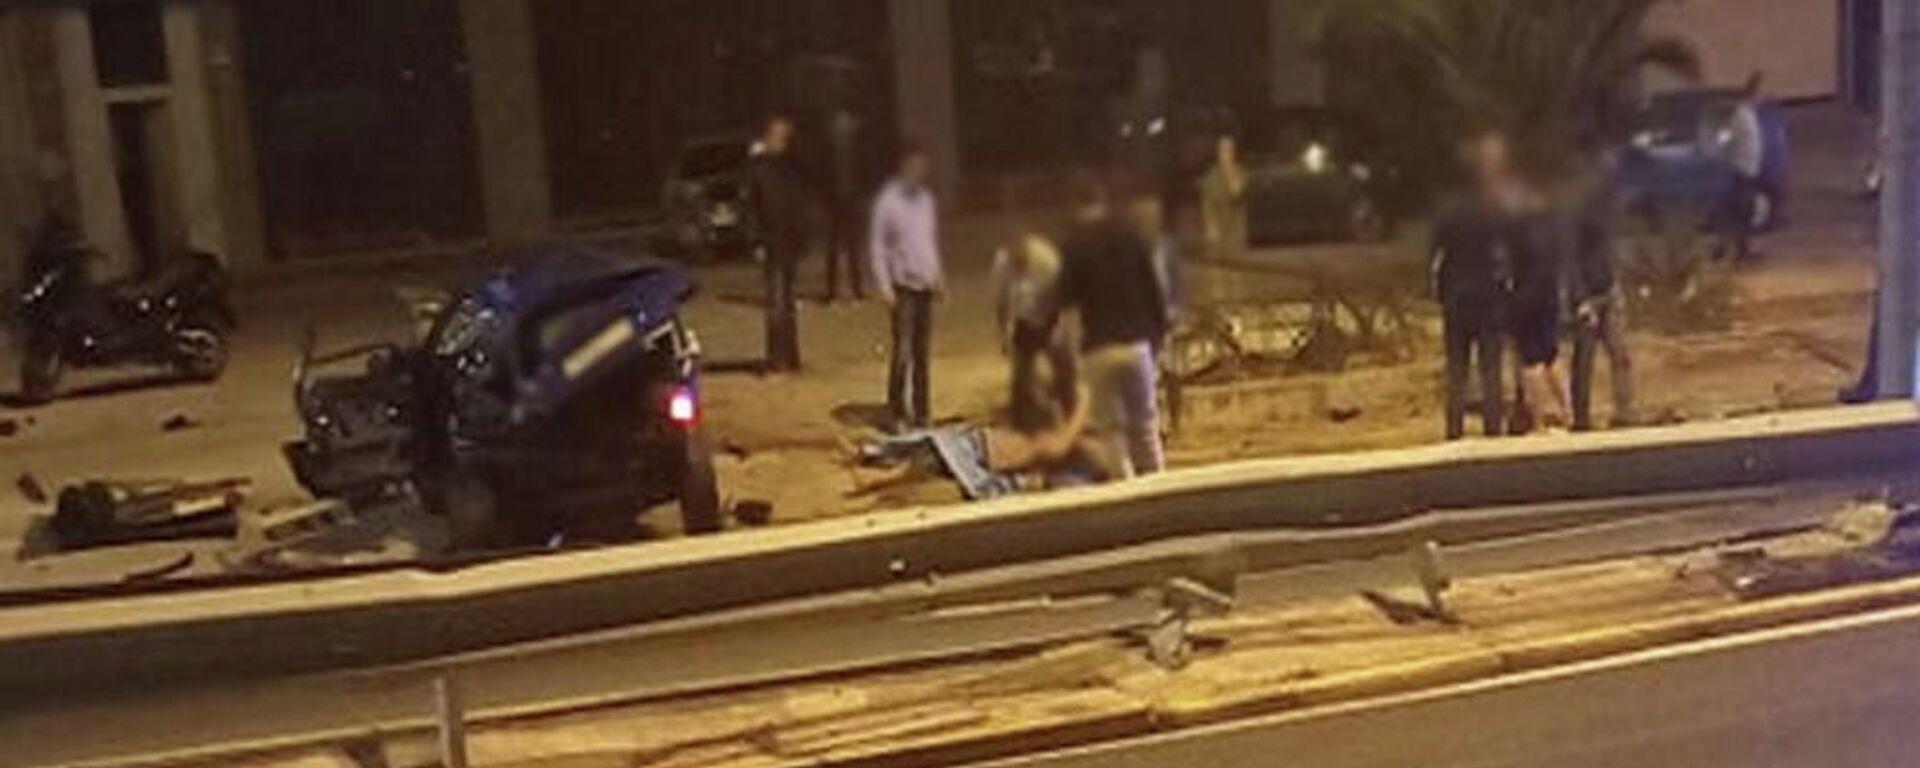 Τροχαίο ατύχημα στη Λεωφόρο Μαραθώνος, 30 Σεπτεμβρίου 2021 - Sputnik Ελλάδα, 1920, 01.10.2021